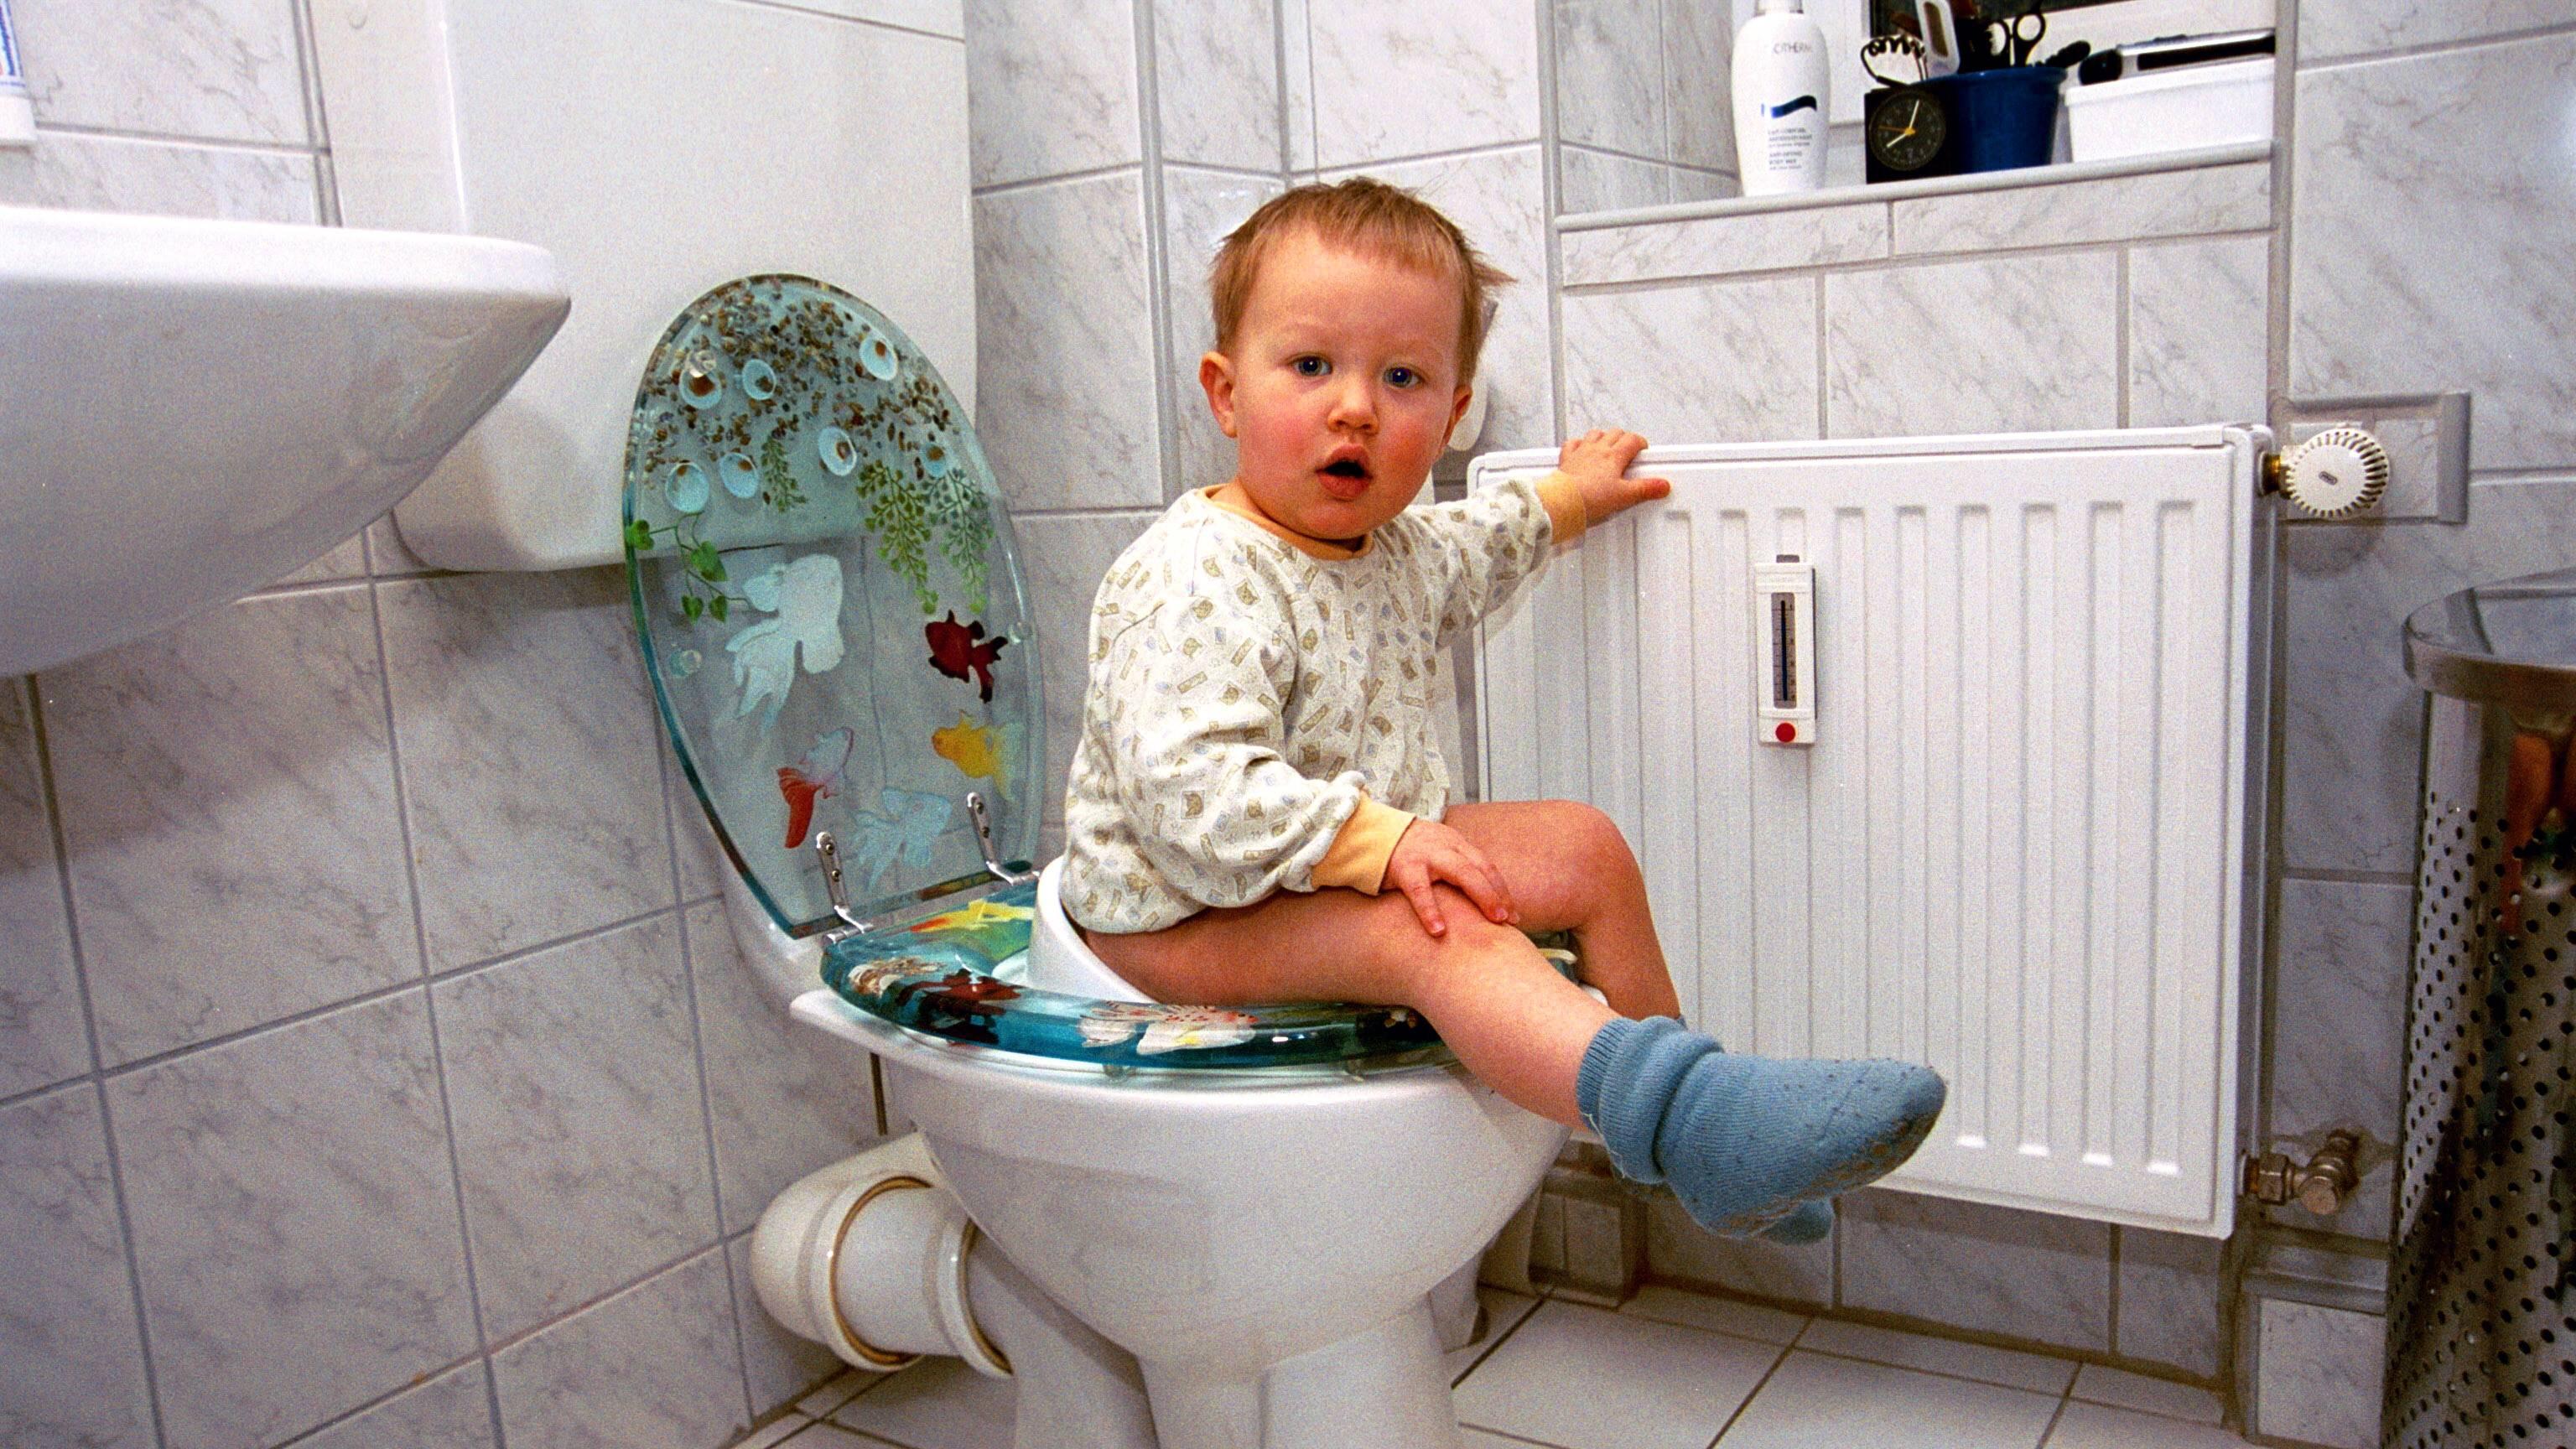 Kind verweigert den Stuhlgang auf der Toilette - das können Sie tun